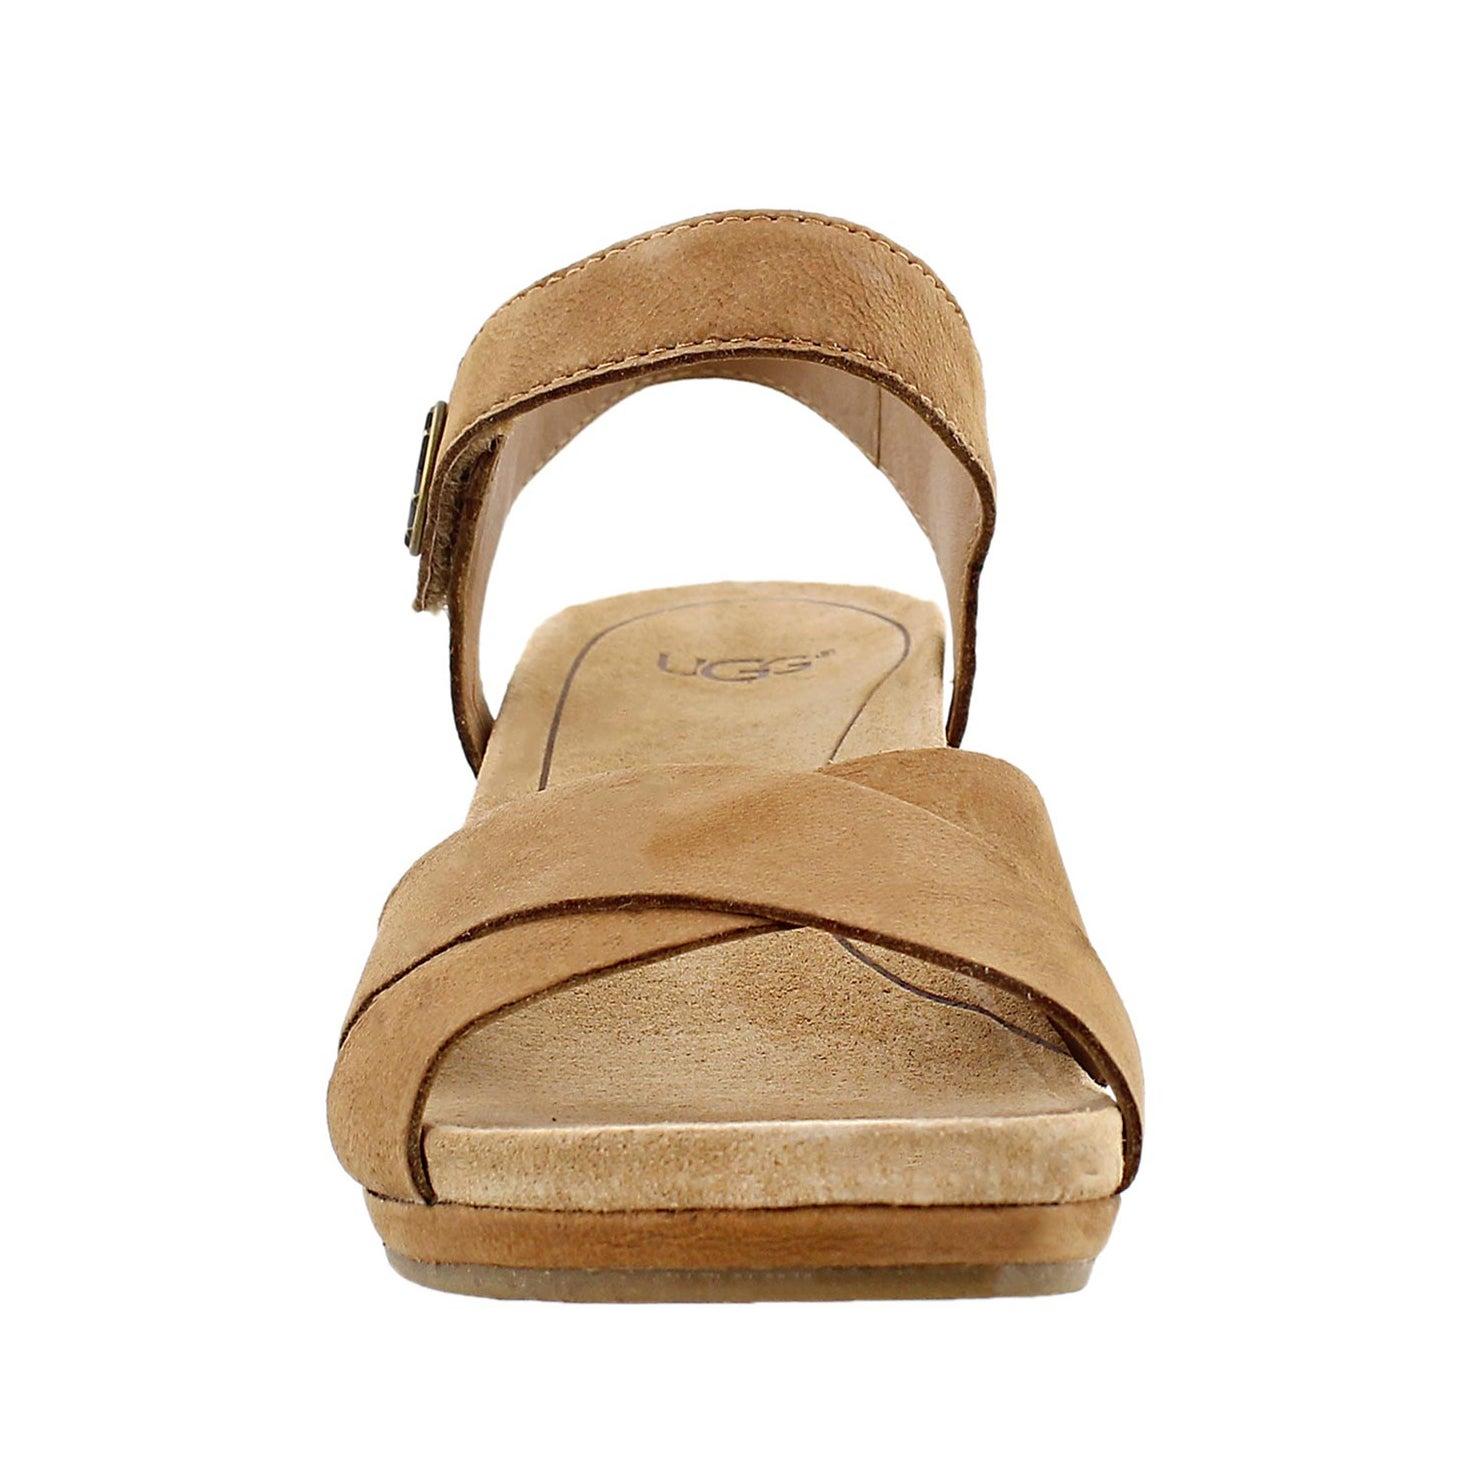 Sandale à talon comp. Veva, châtain, fem